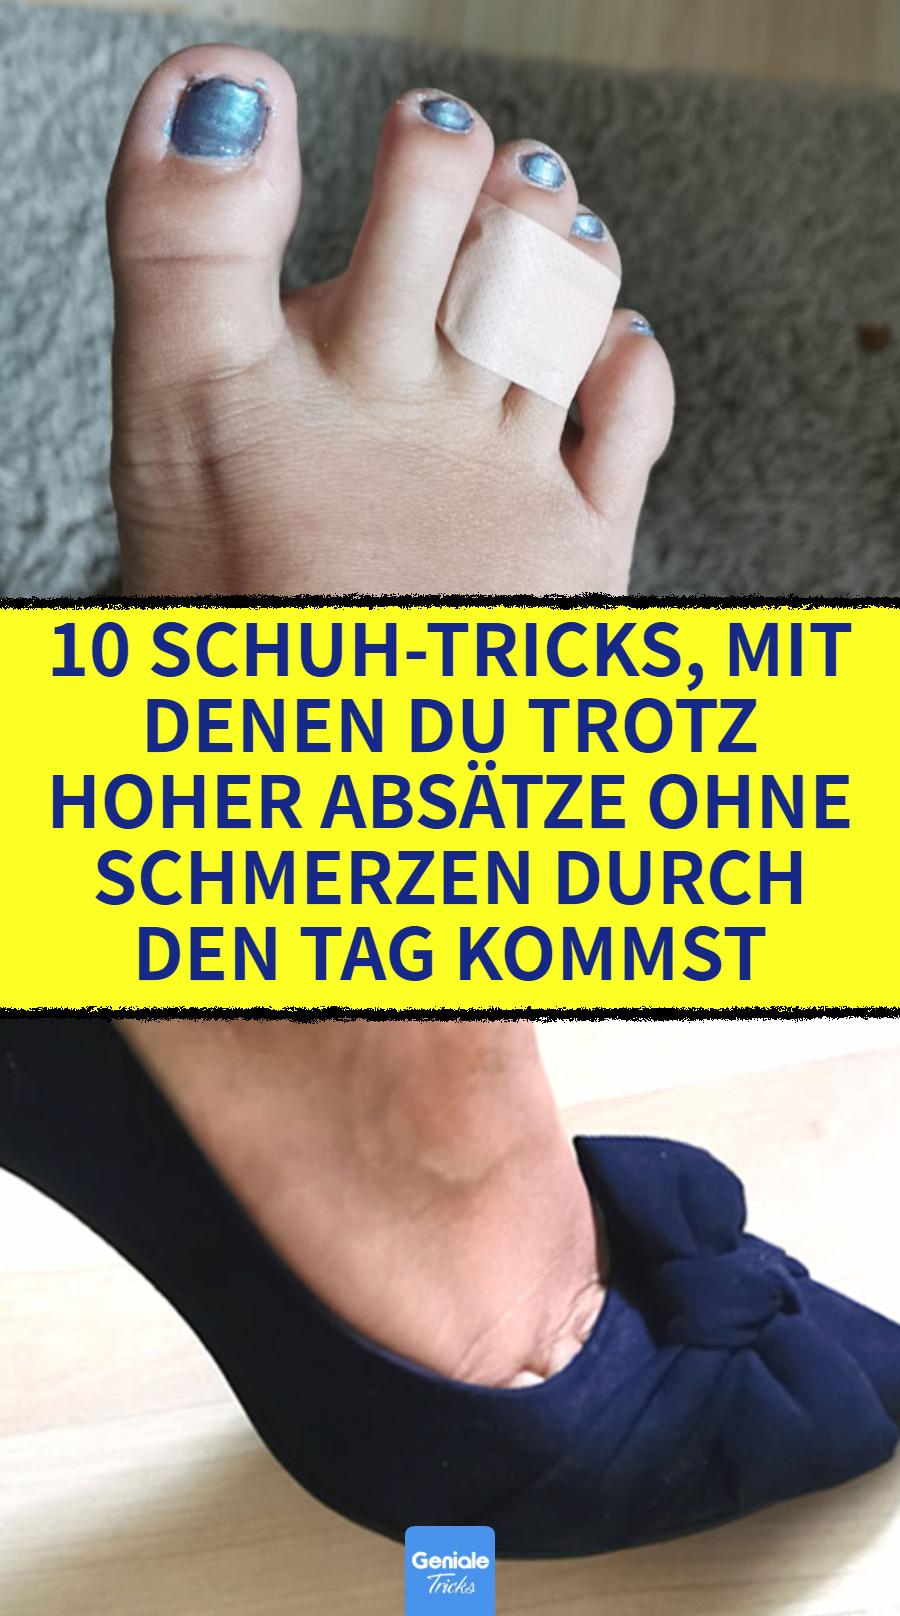 10 Schuh Tricks, mit denen du trotz hoher Absätze ohne